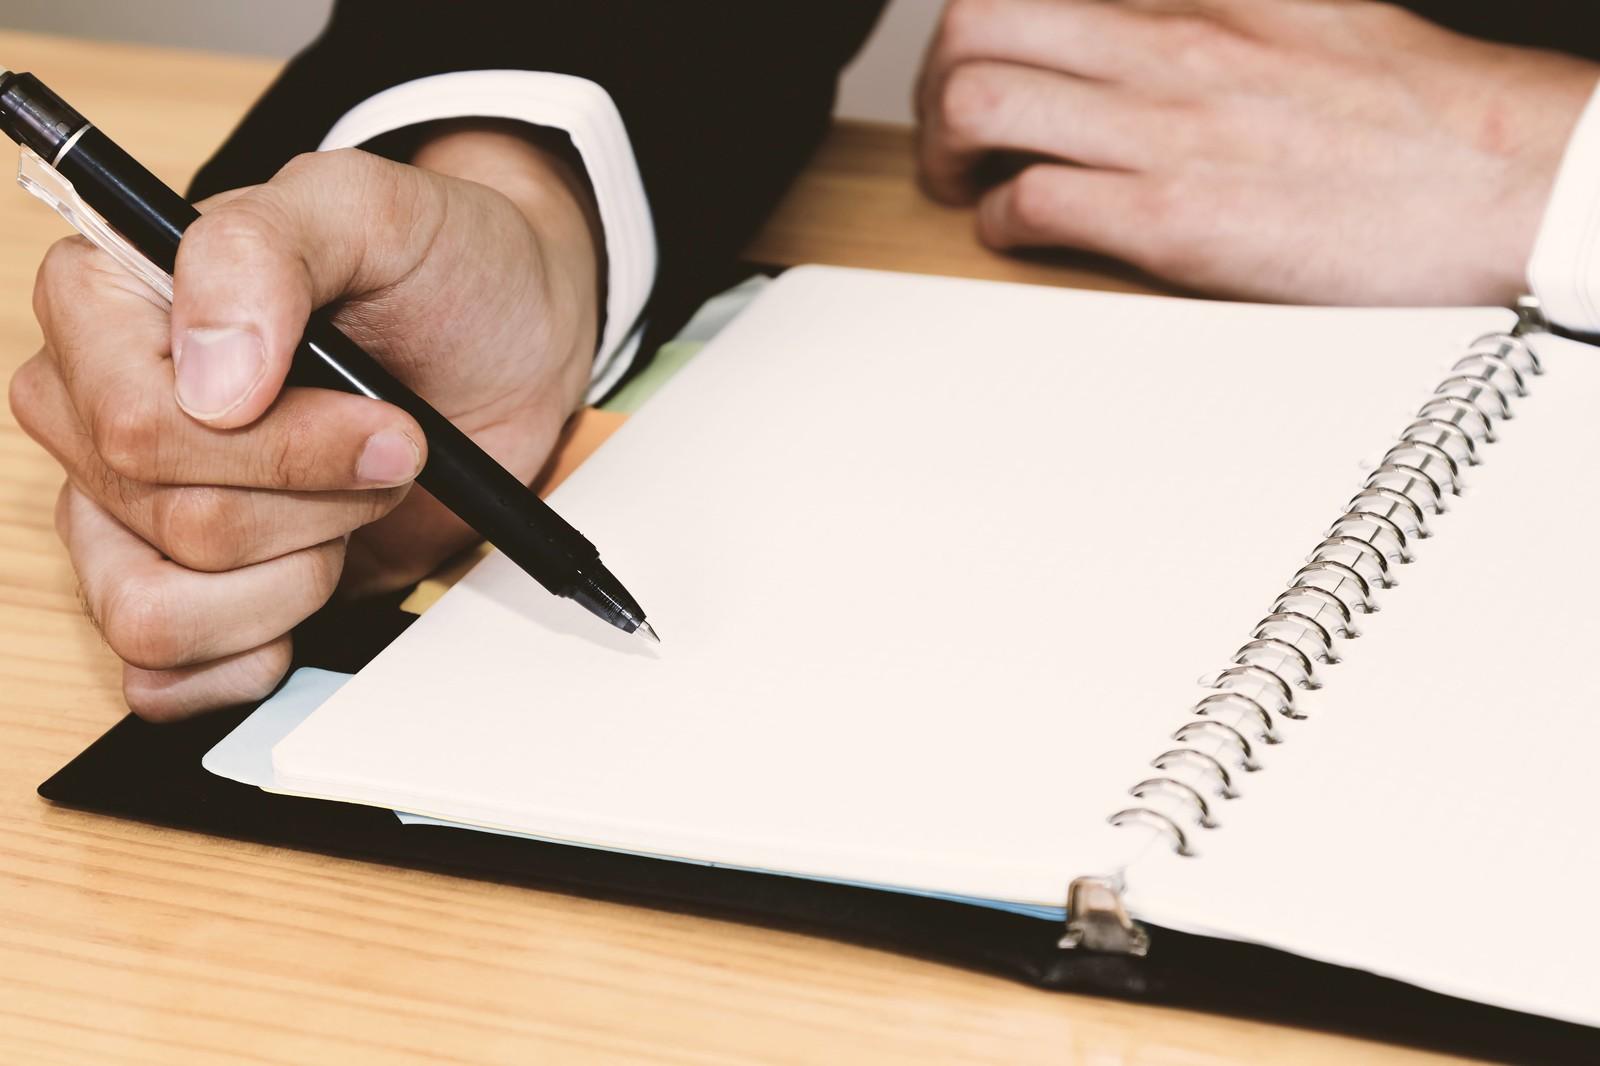 社会人が独学で公務員試験に合格するのは、可能です